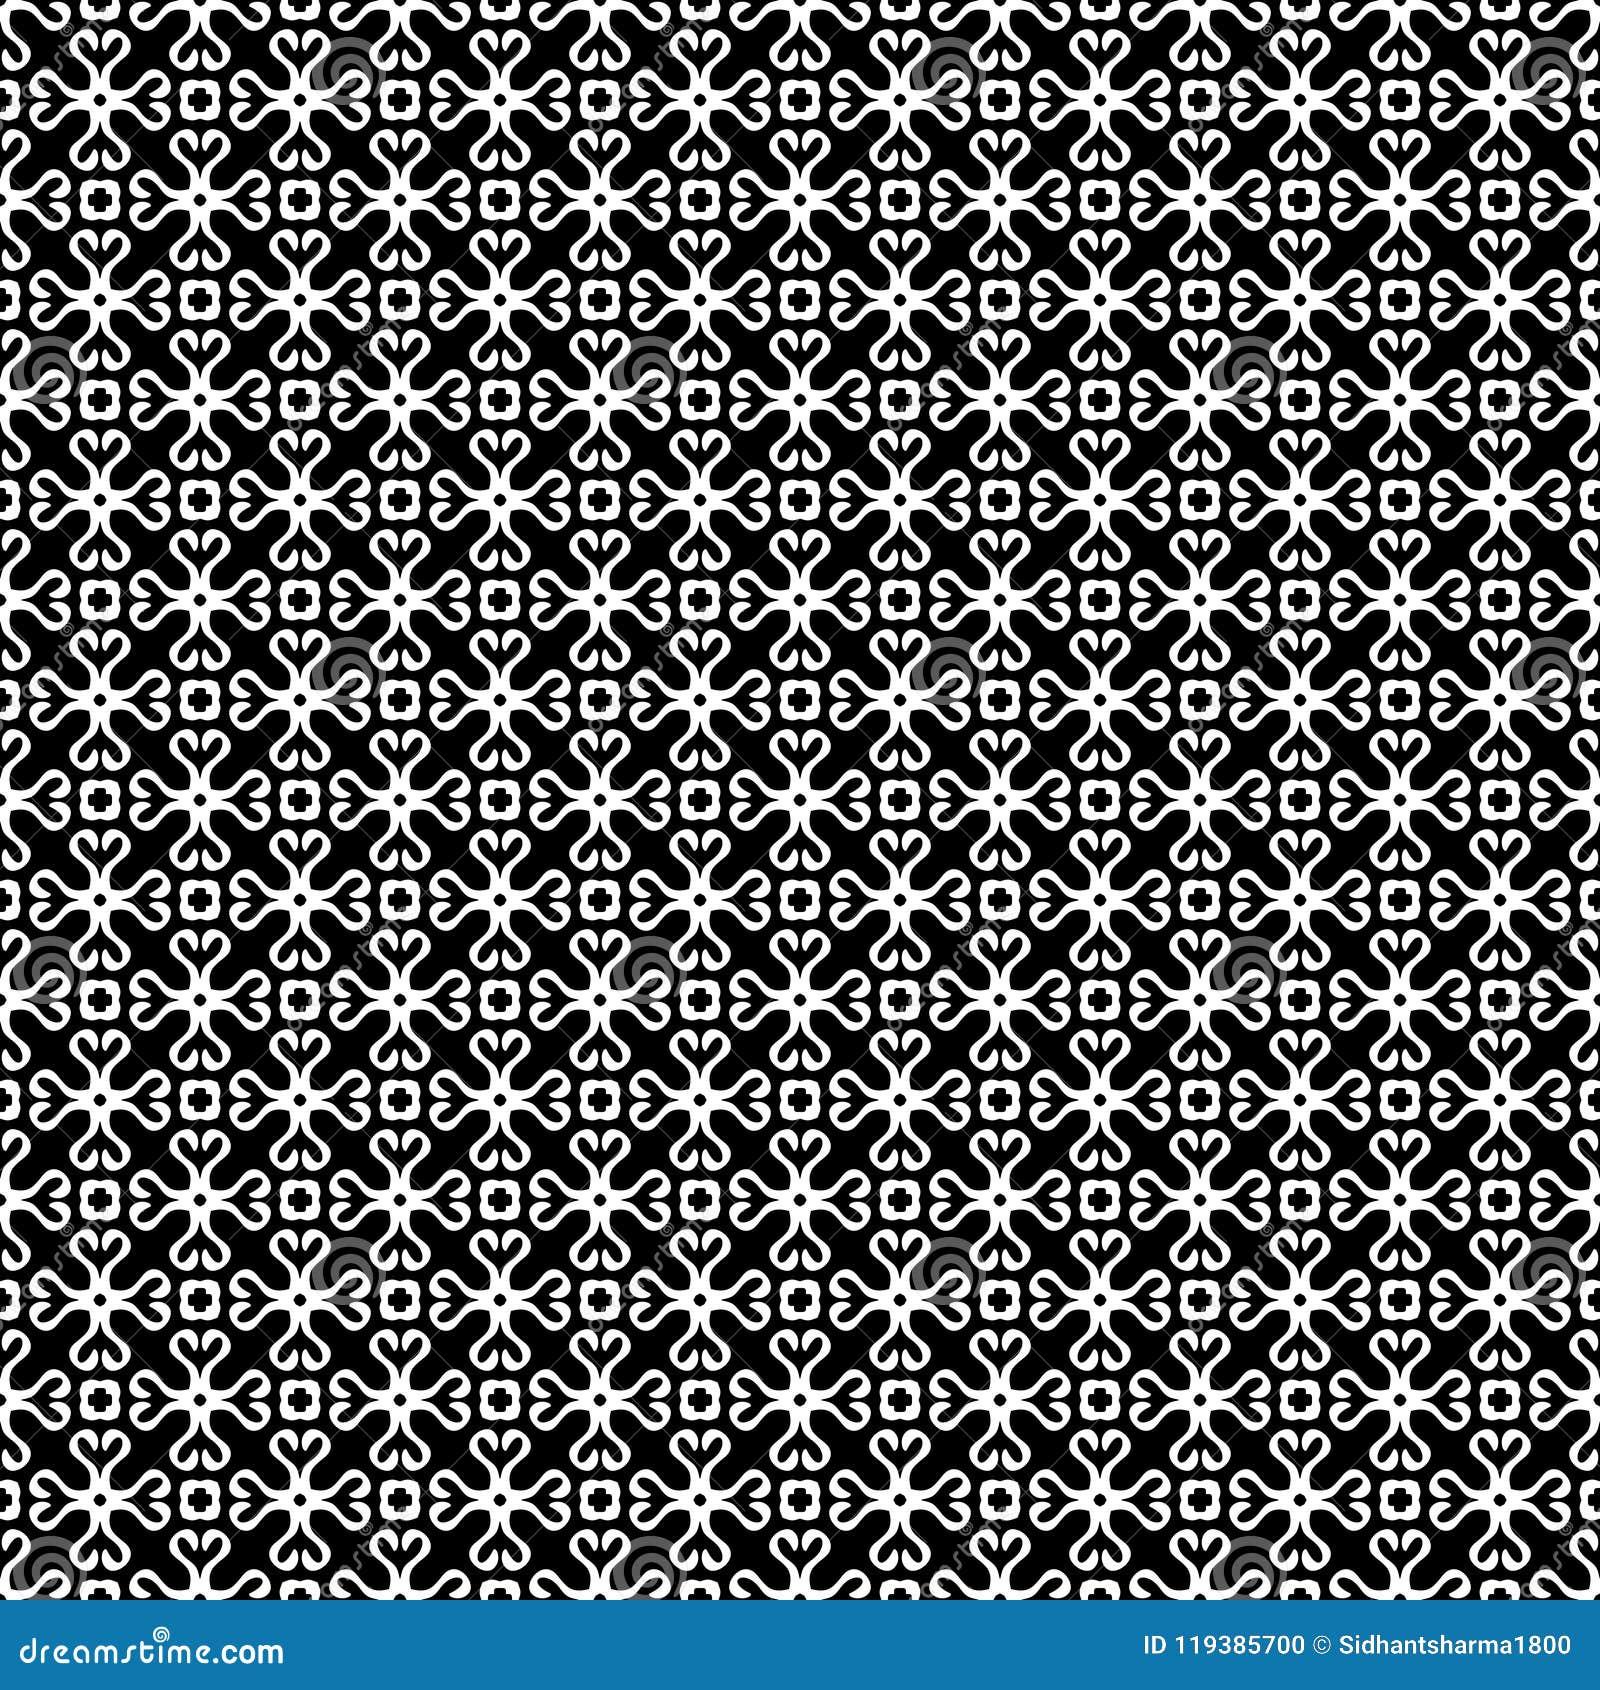 ALINHADOR LONGITUDINAL GEOMÉTRICO SEM EMENDA preto e branco, PROJETO do FUNDO textura à moda moderna Repetição e editável Pode se